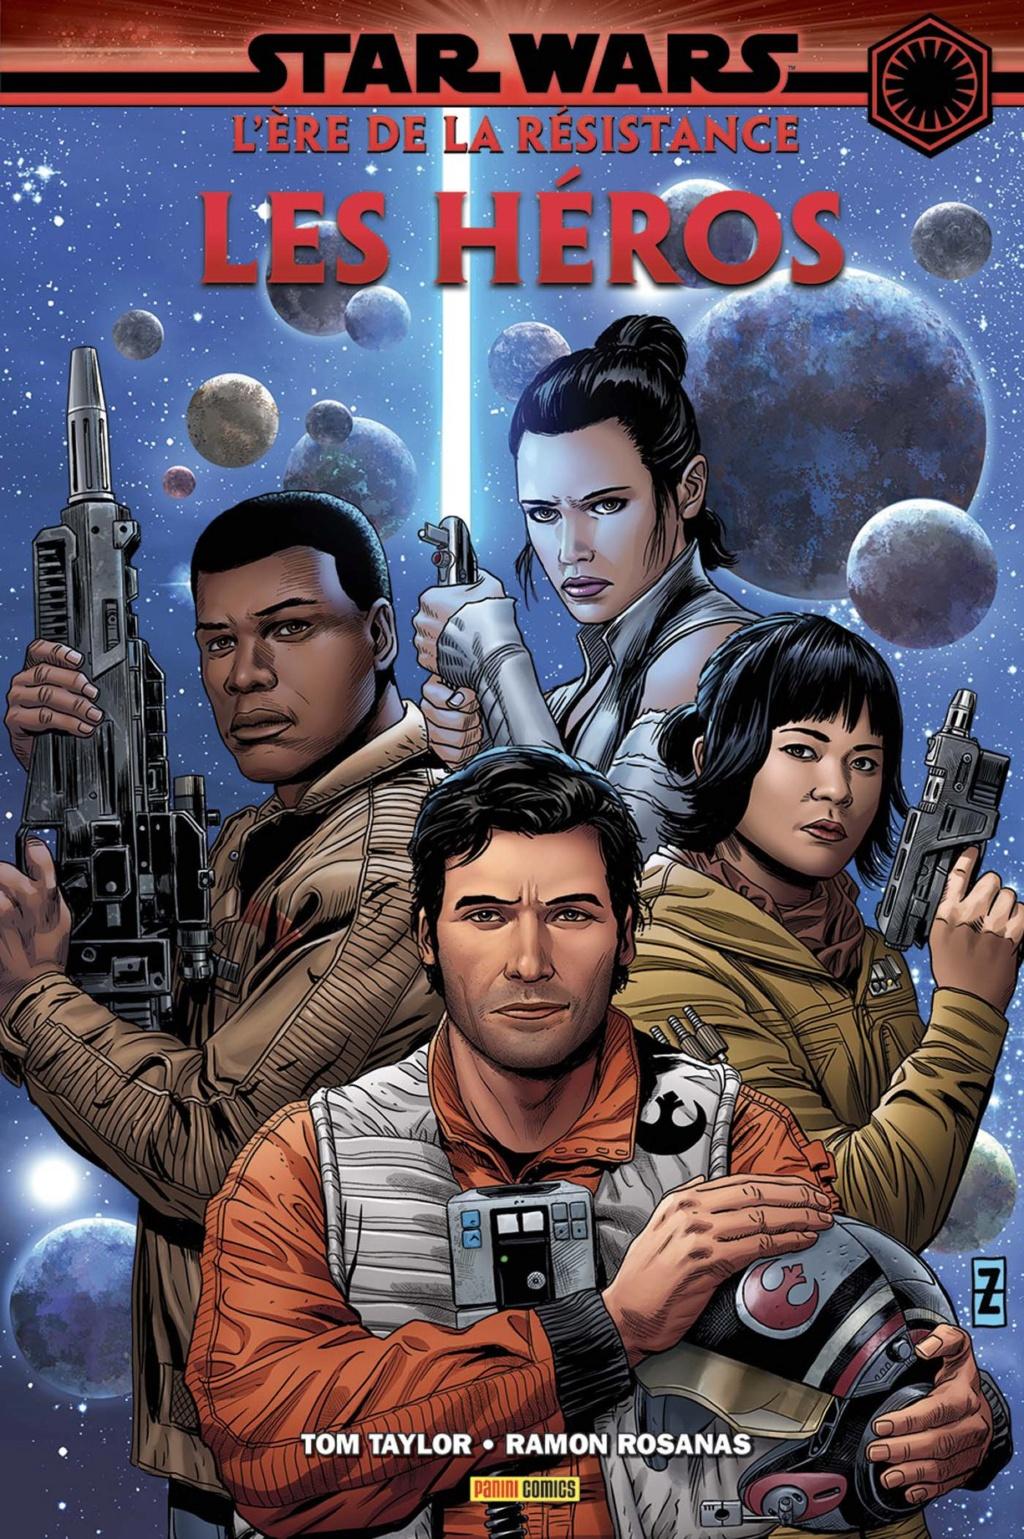 Star Wars L'ère de la Résistance: les Héros - PANINI Ere_de17